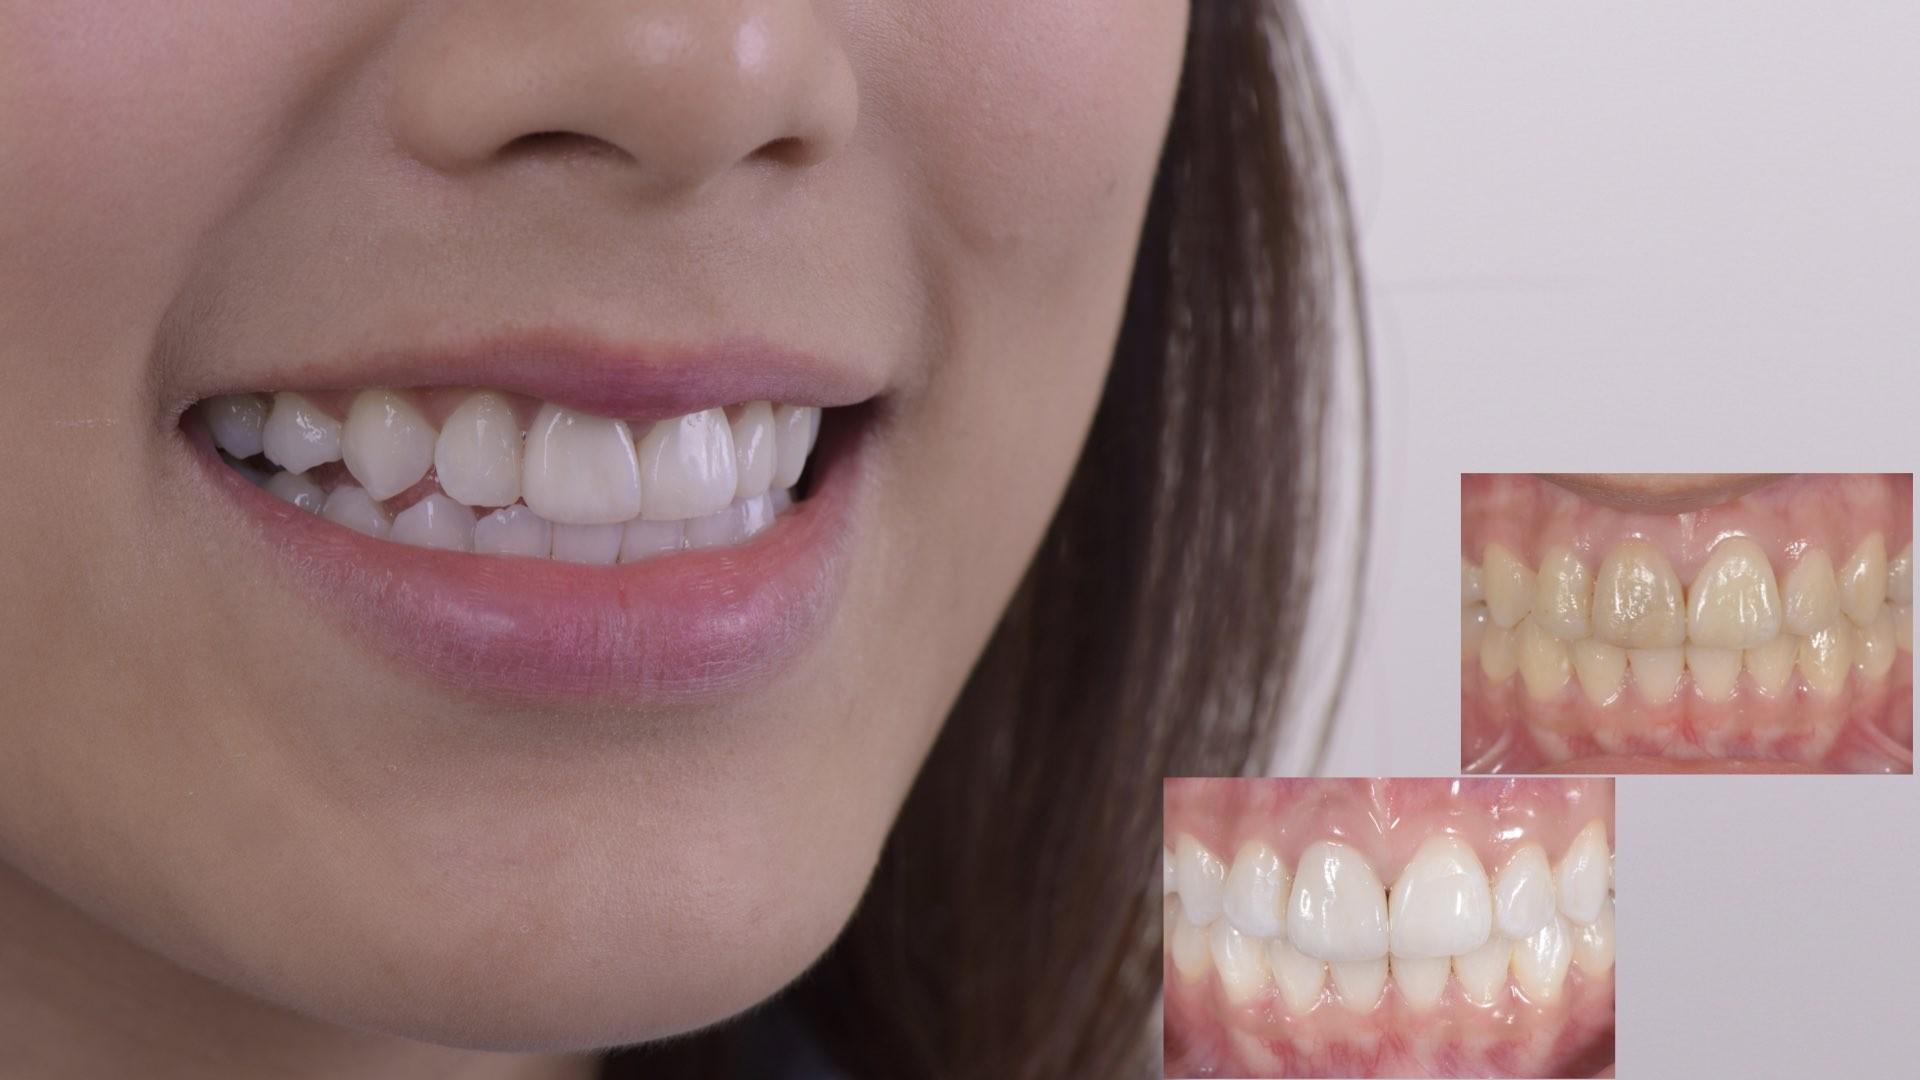 牙齒變黑了怎麼辦?part I:根管治療後,牙齒顏色變深了。